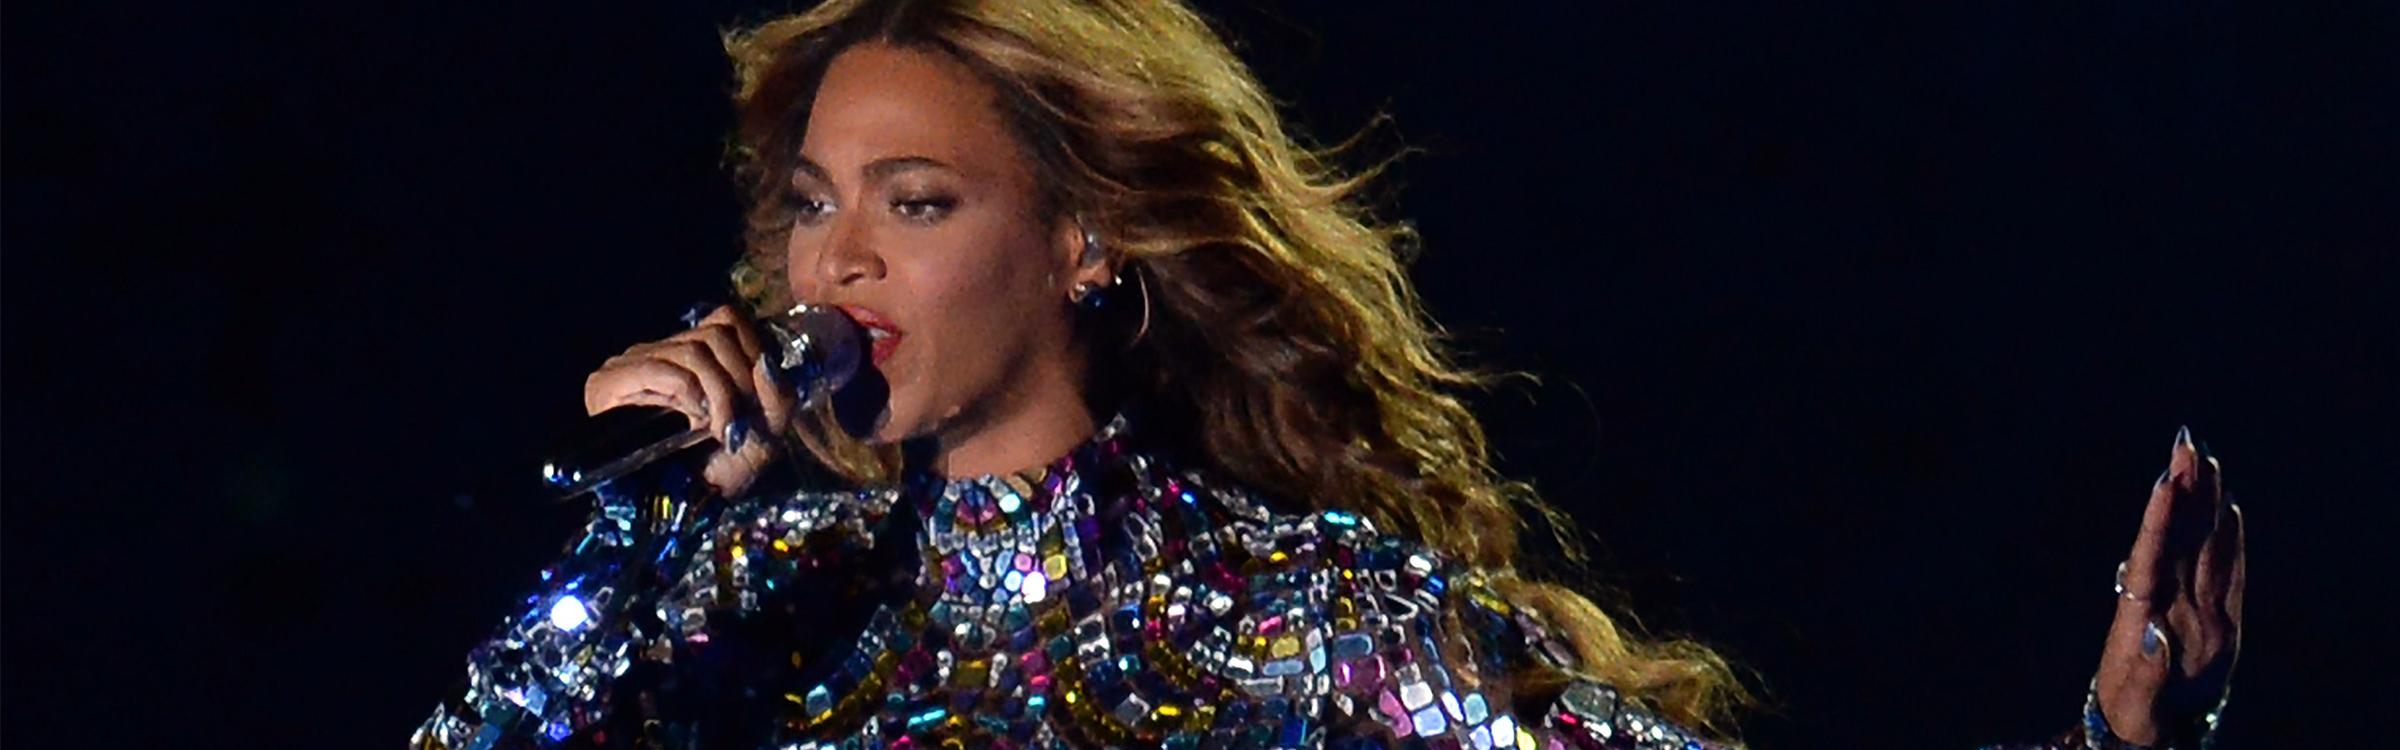 Beyonce headerrraf